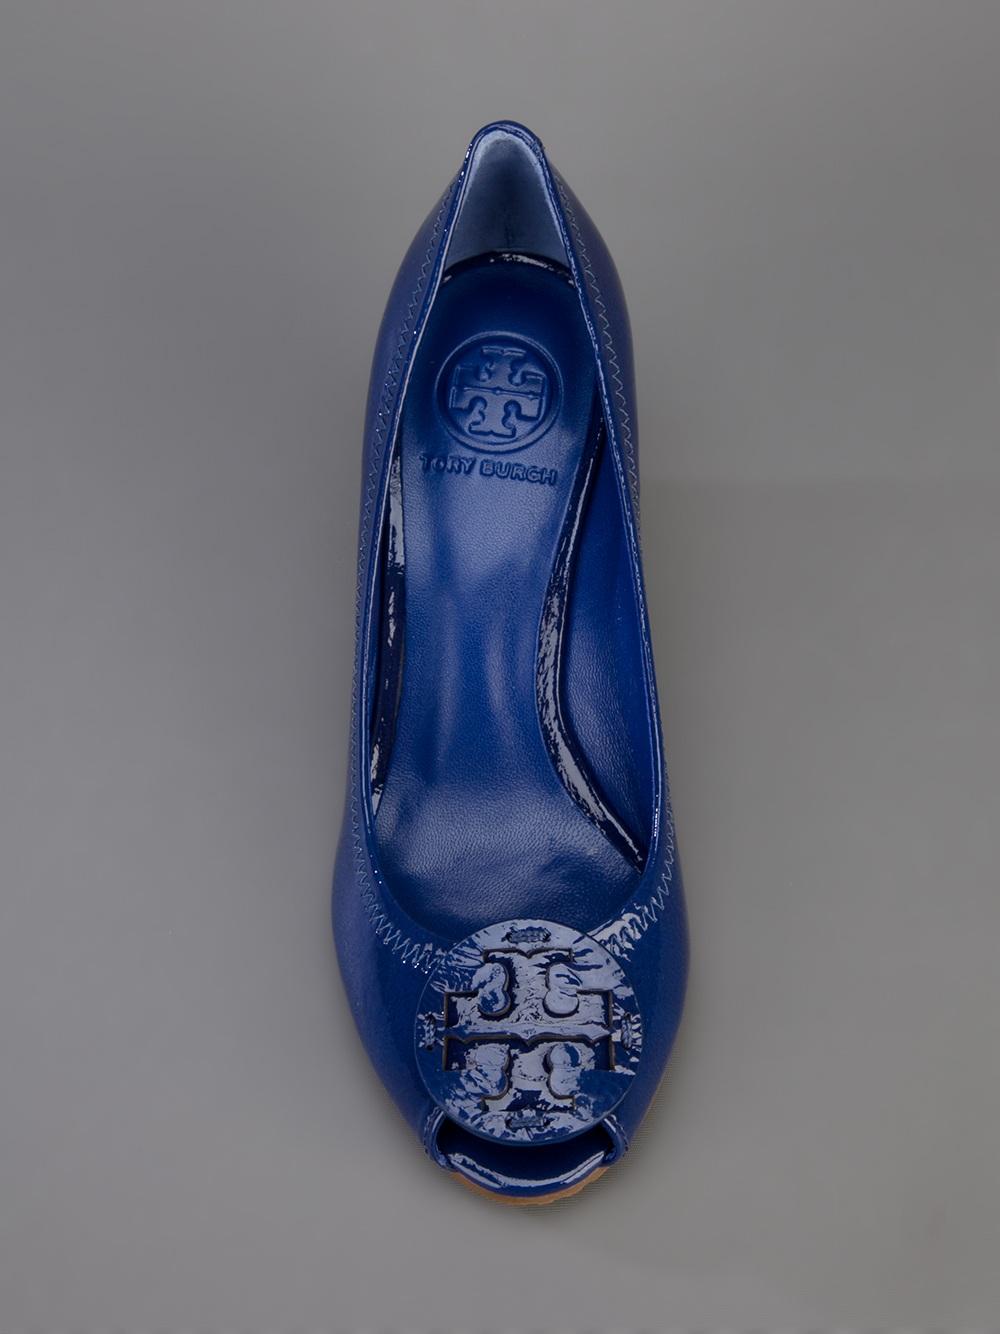 fc739c17743 Tory Burch Sally 2 Wedge Pump in Blue - Lyst